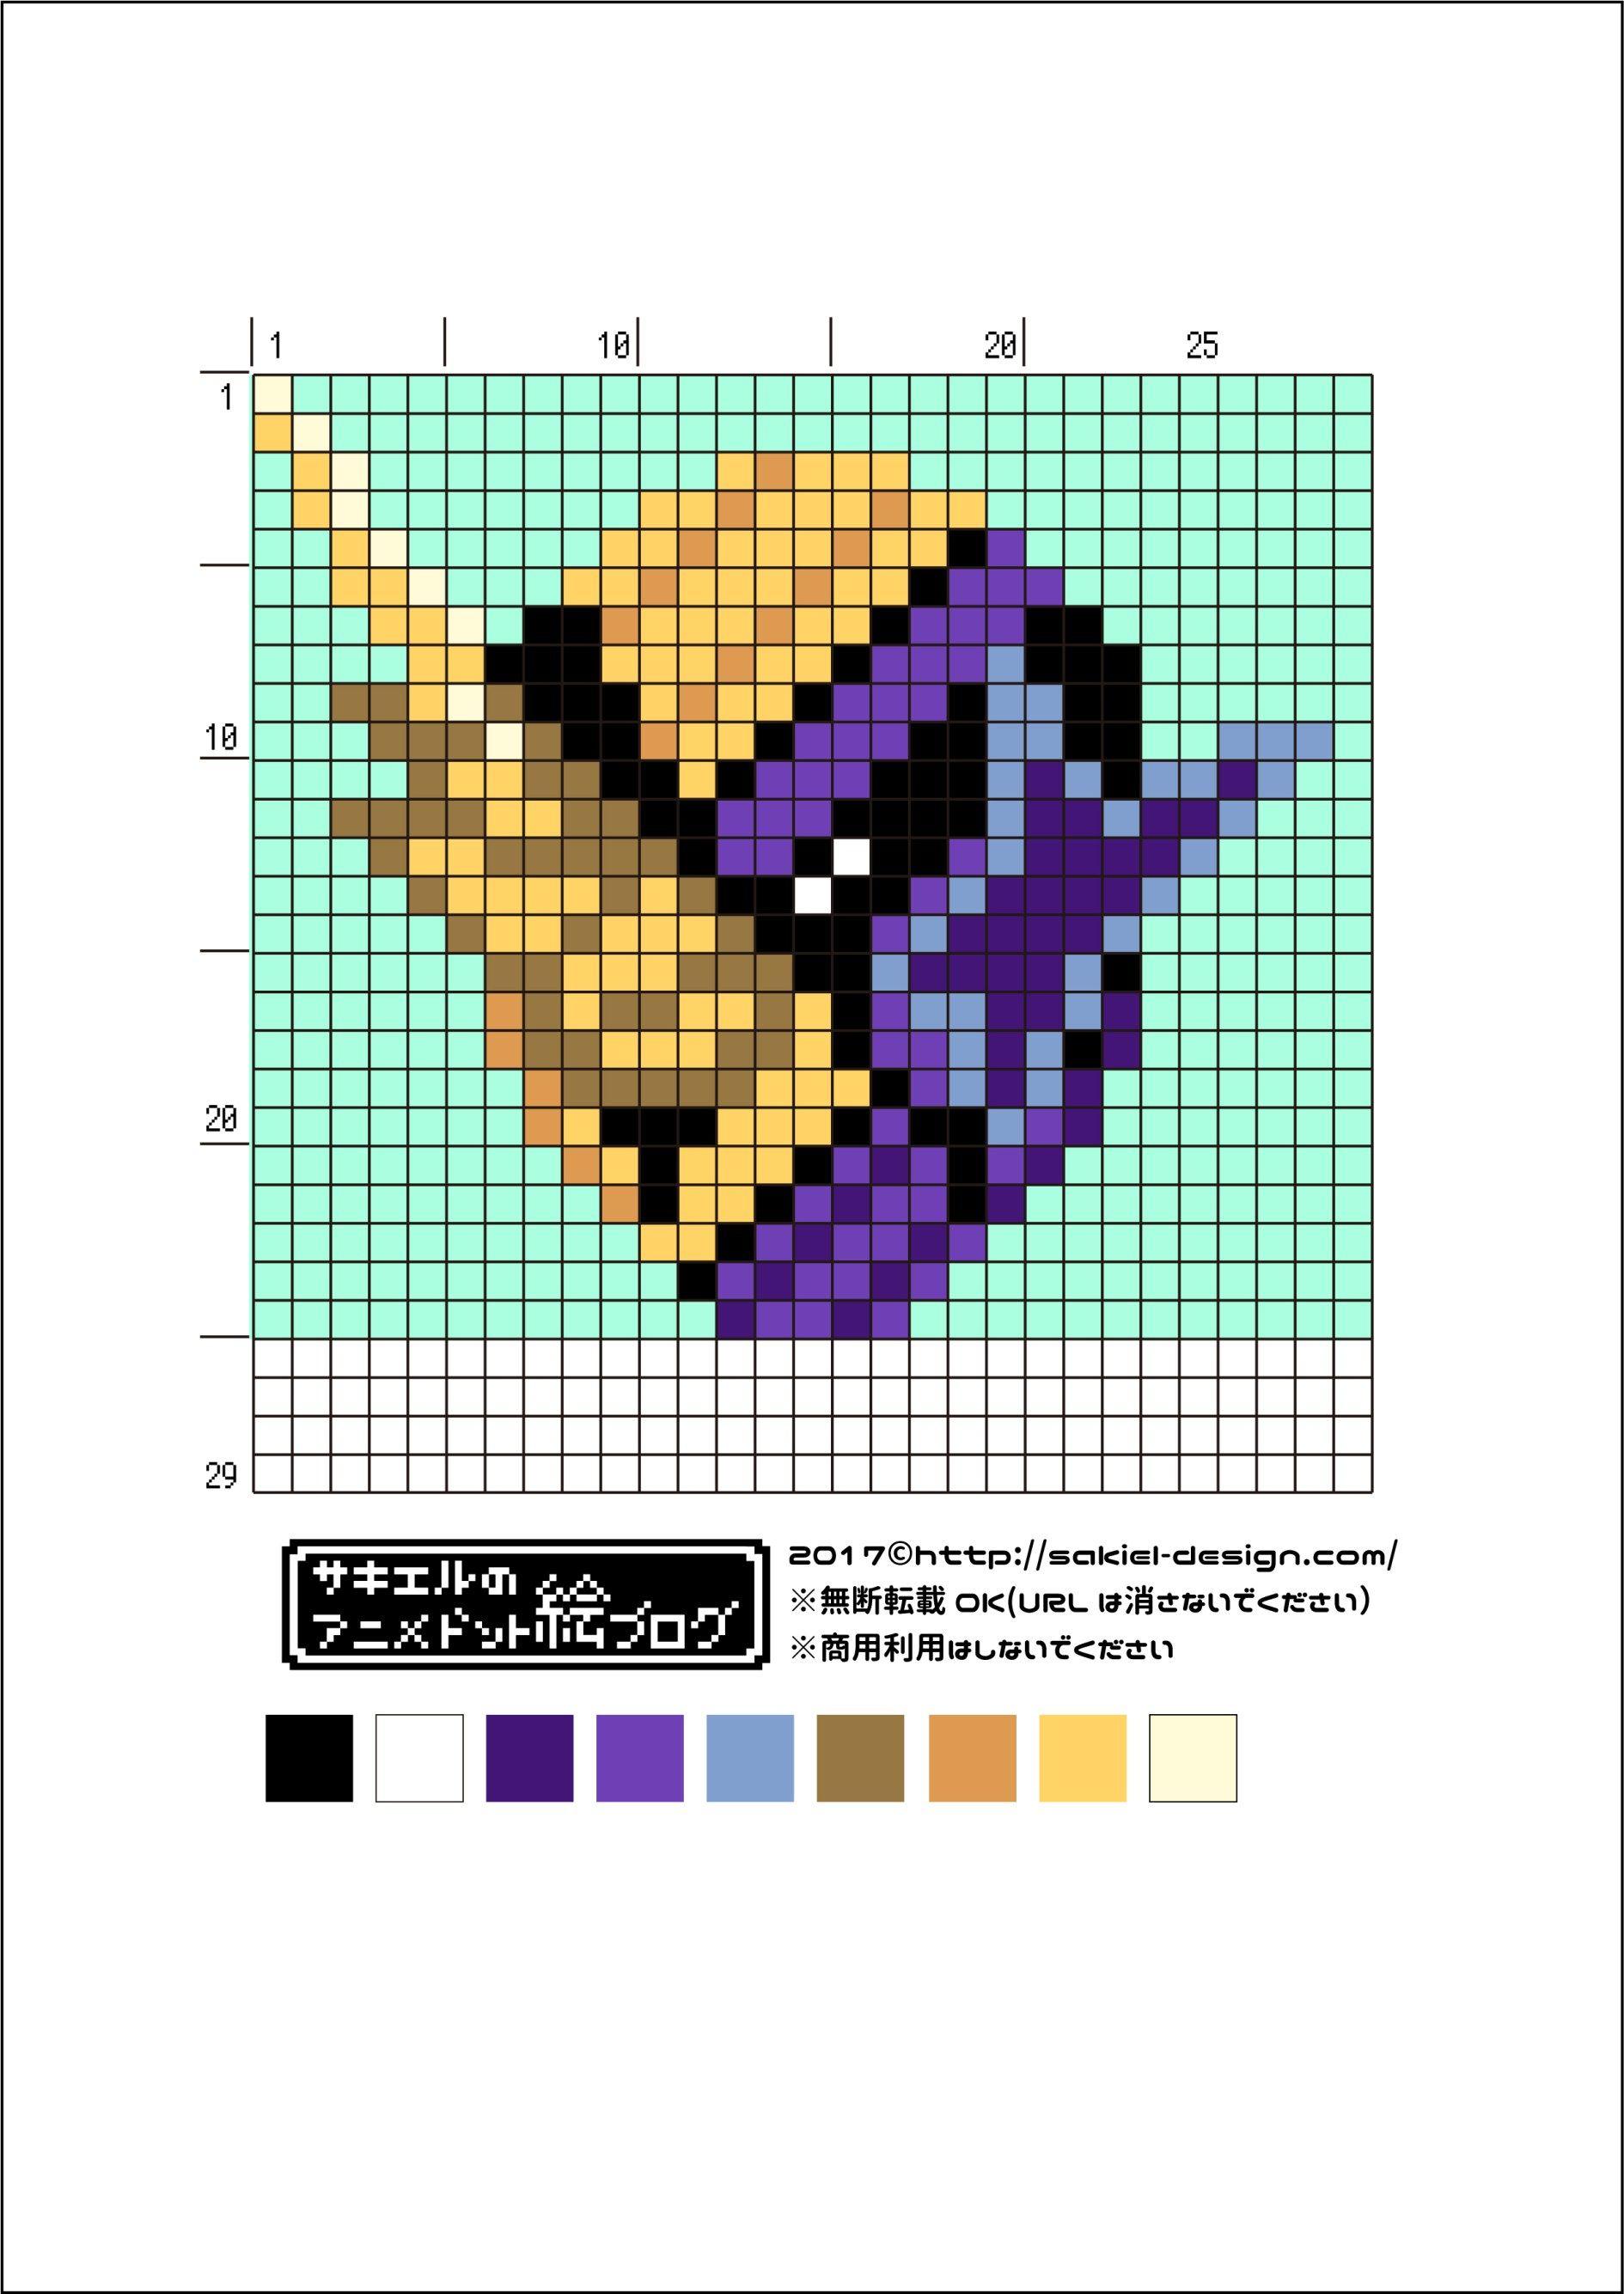 簡単バージョン ニンニンコミックフォームのアイロンビーズ図案 仮面ライダービルド サキエルのアニメドット絵ブログ 図案 ドット絵 アイロンビーズ